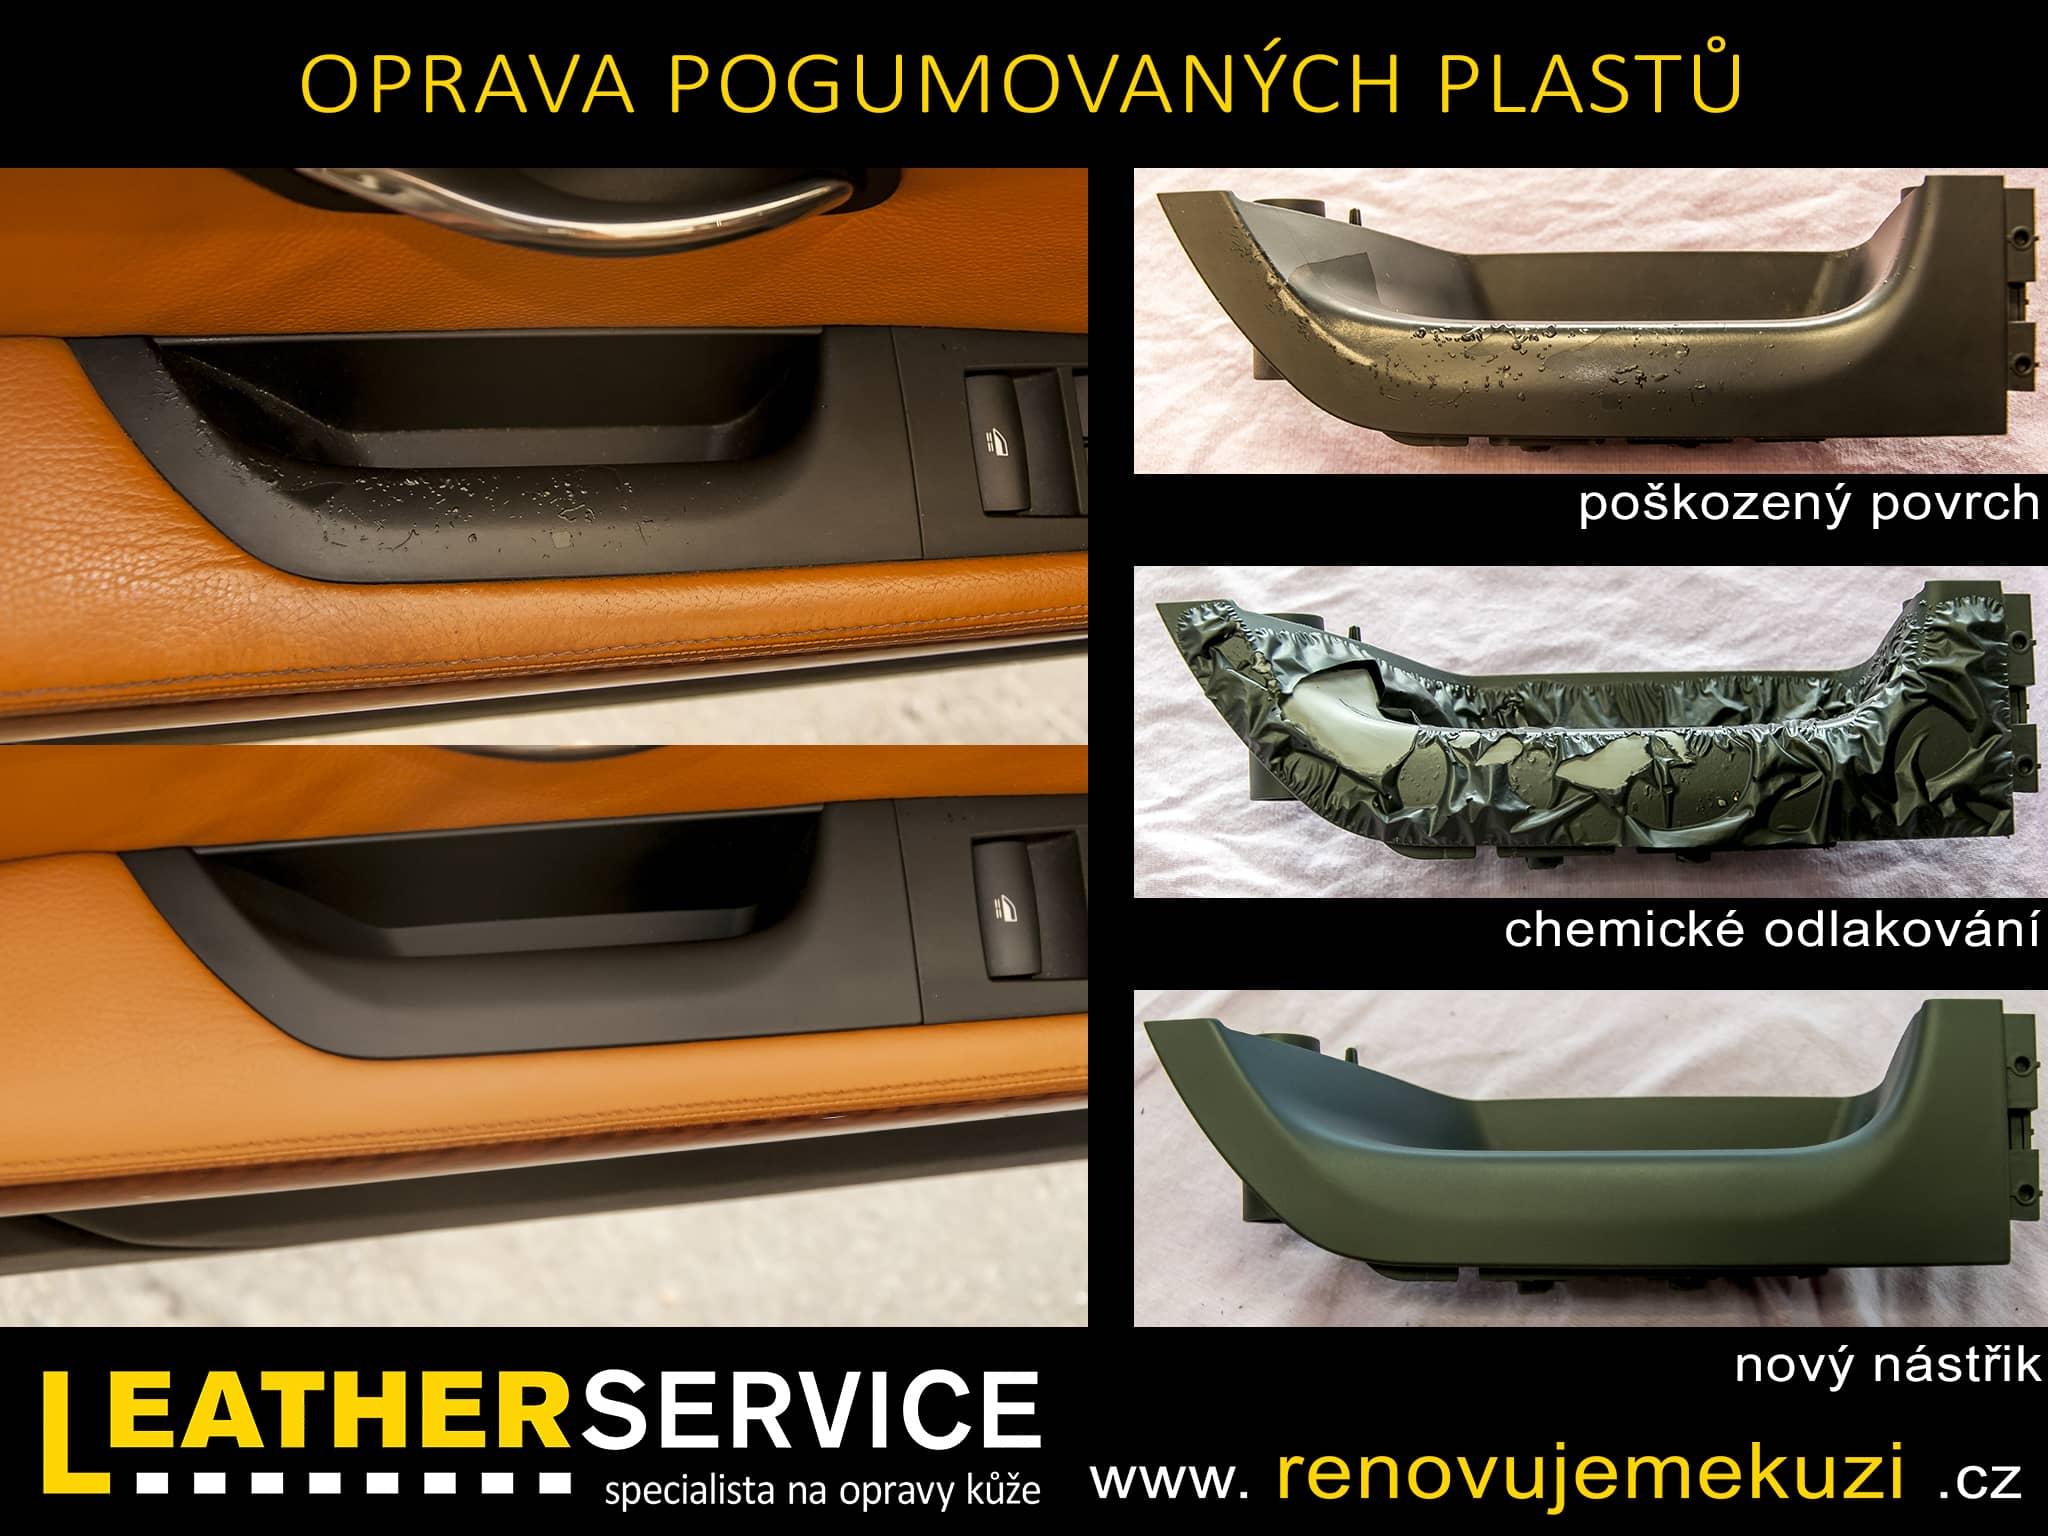 Oprava pogumovaných plastů BMW 335i